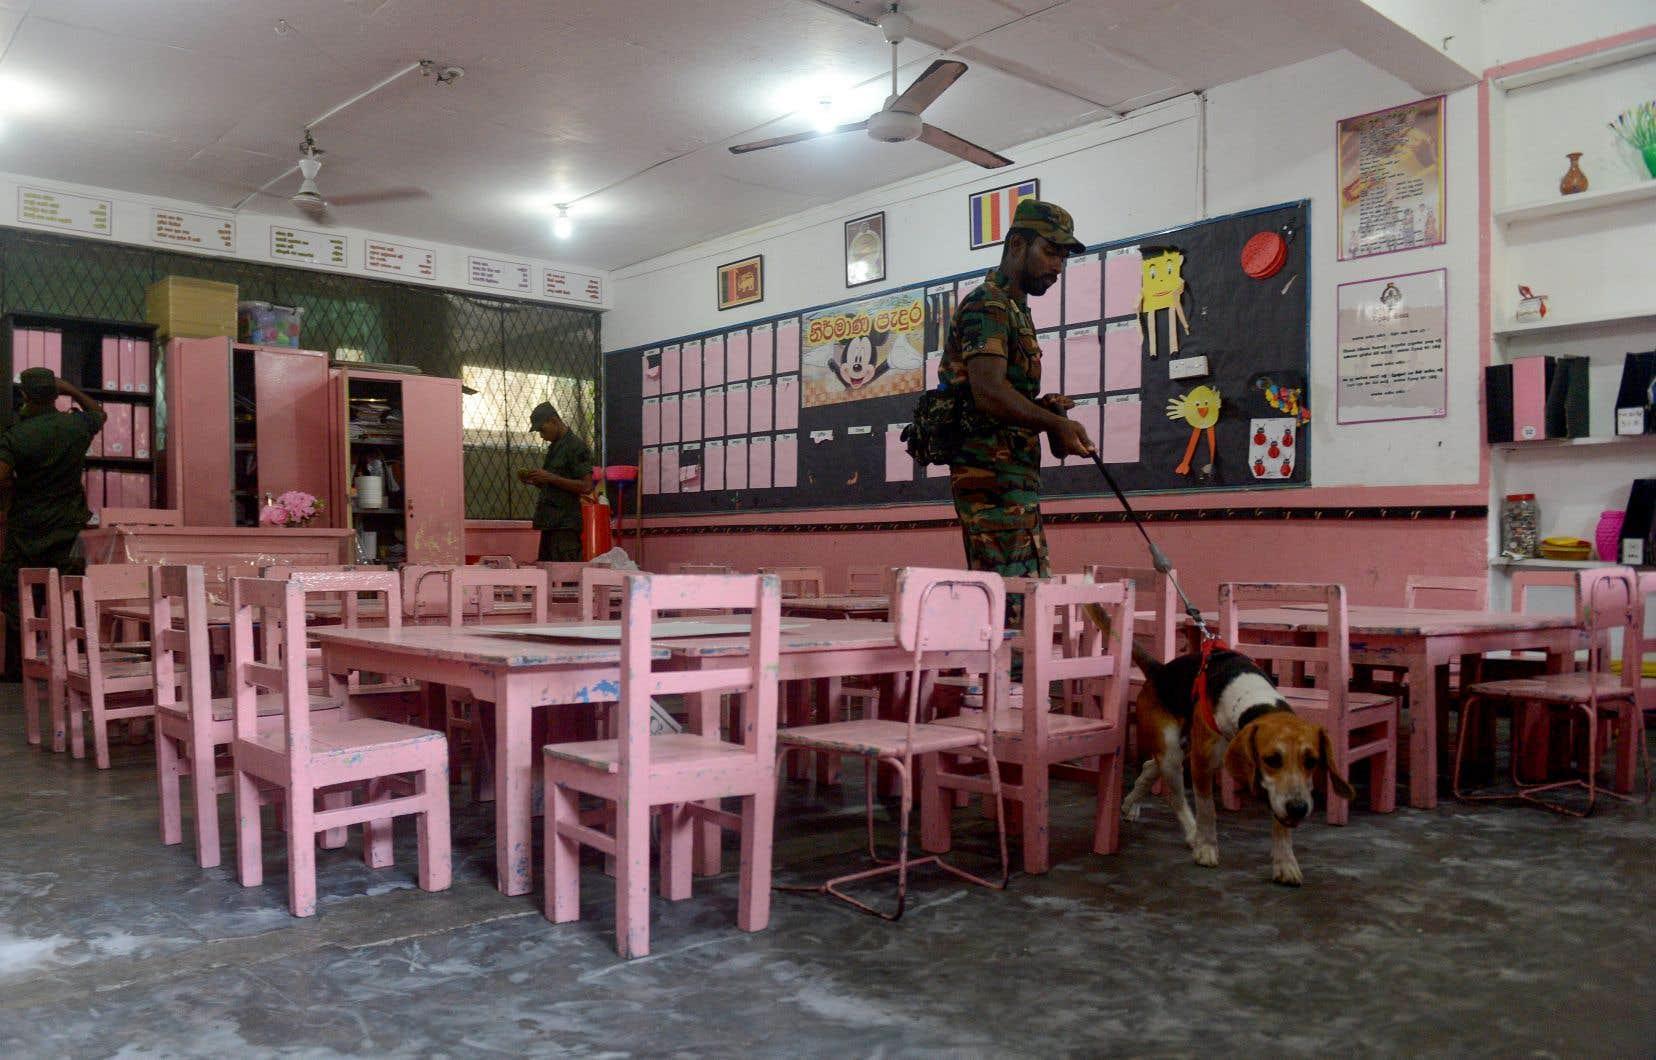 Des dizaines de milliers de membres des forces de sécurité srilankaises ont passé la journée de dimanche à établir des cordons de sécurité et à rechercher d'éventuels explosifs.